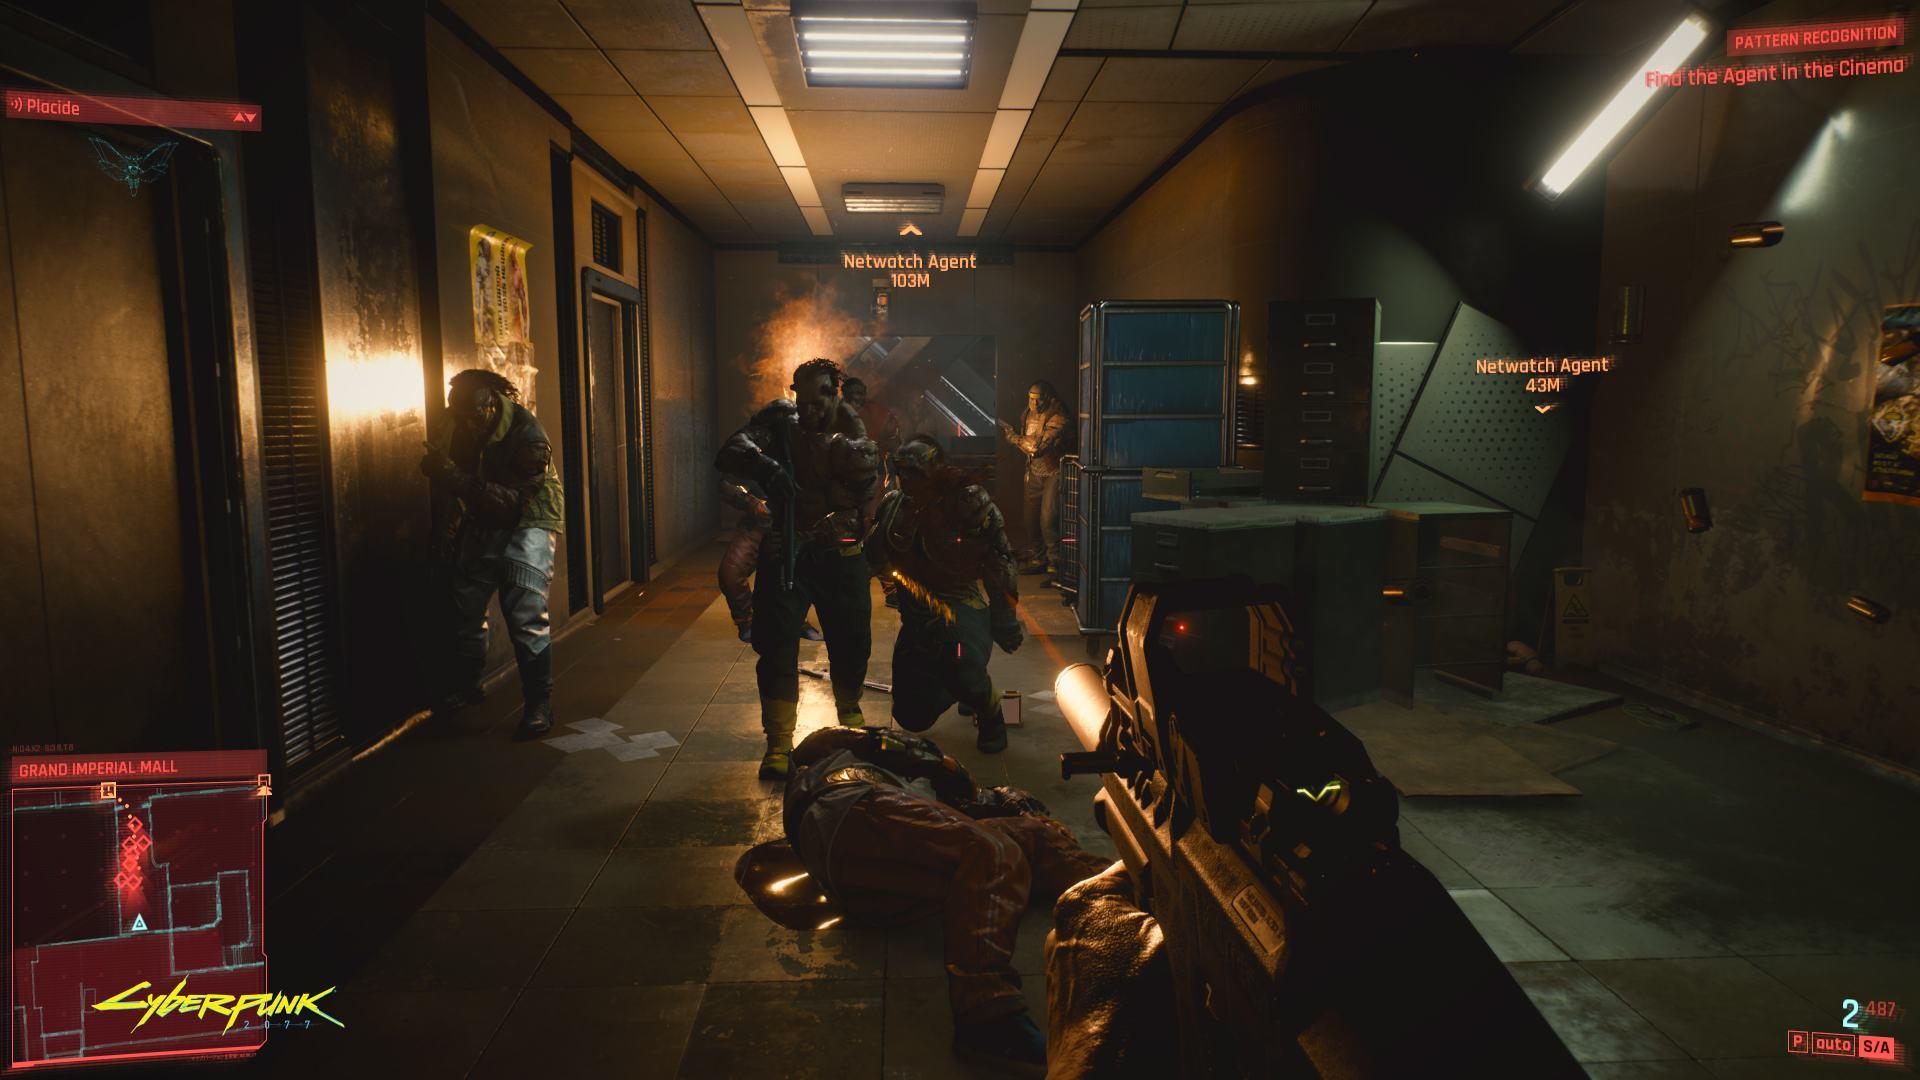 Cyberpunk 2077 Should have taken elevator